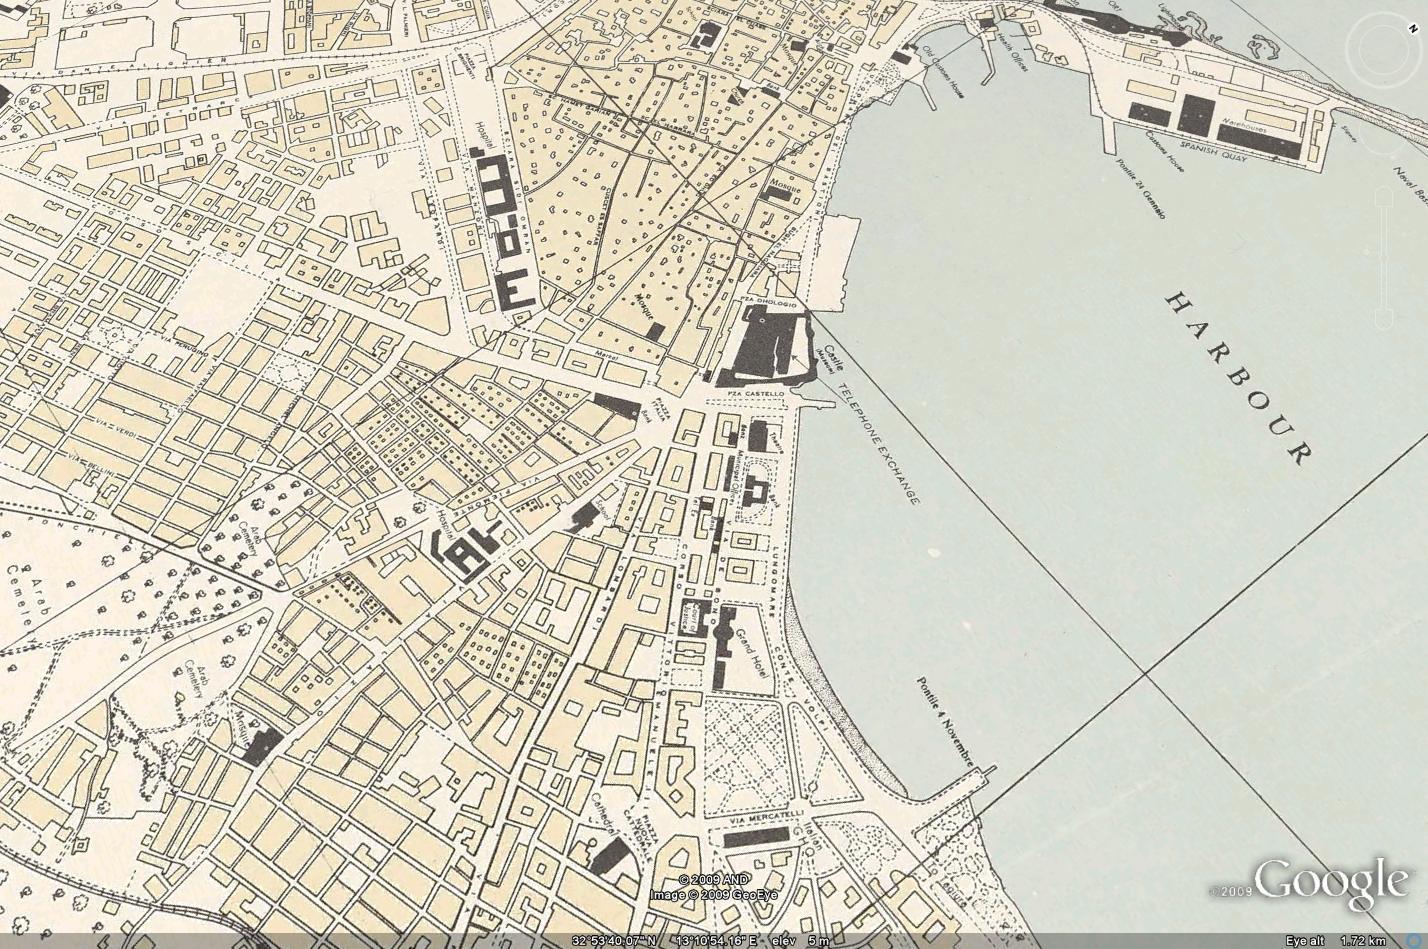 الساحة الخضراء والمدينة القديمة 1943